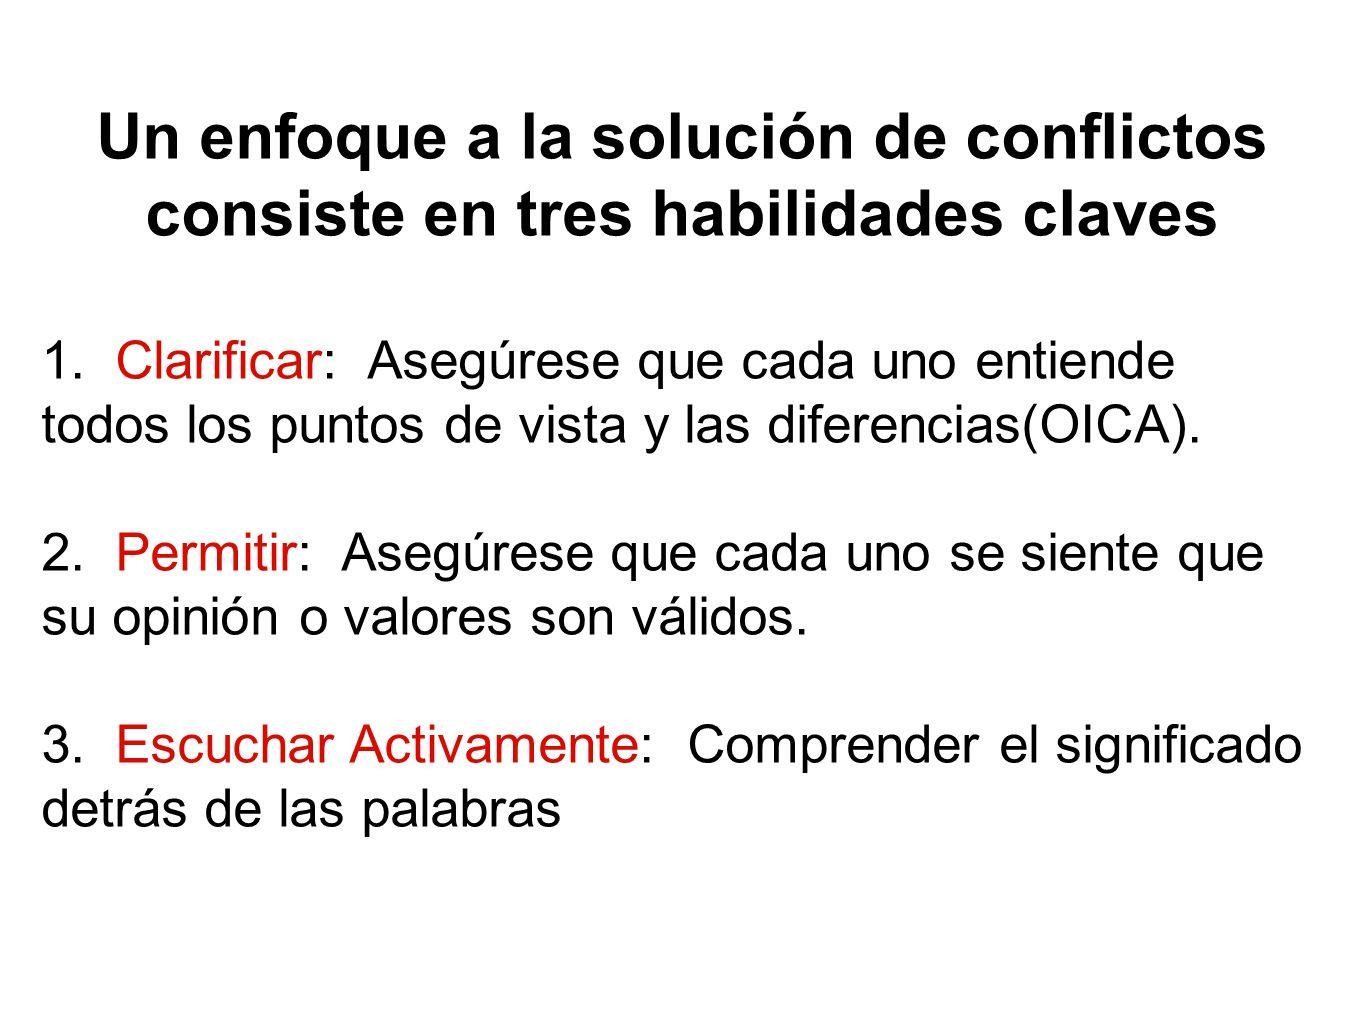 Un enfoque a la solución de conflictos consiste en tres habilidades claves 1. Clarificar: Asegúrese que cada uno entiende todos los puntos de vista y